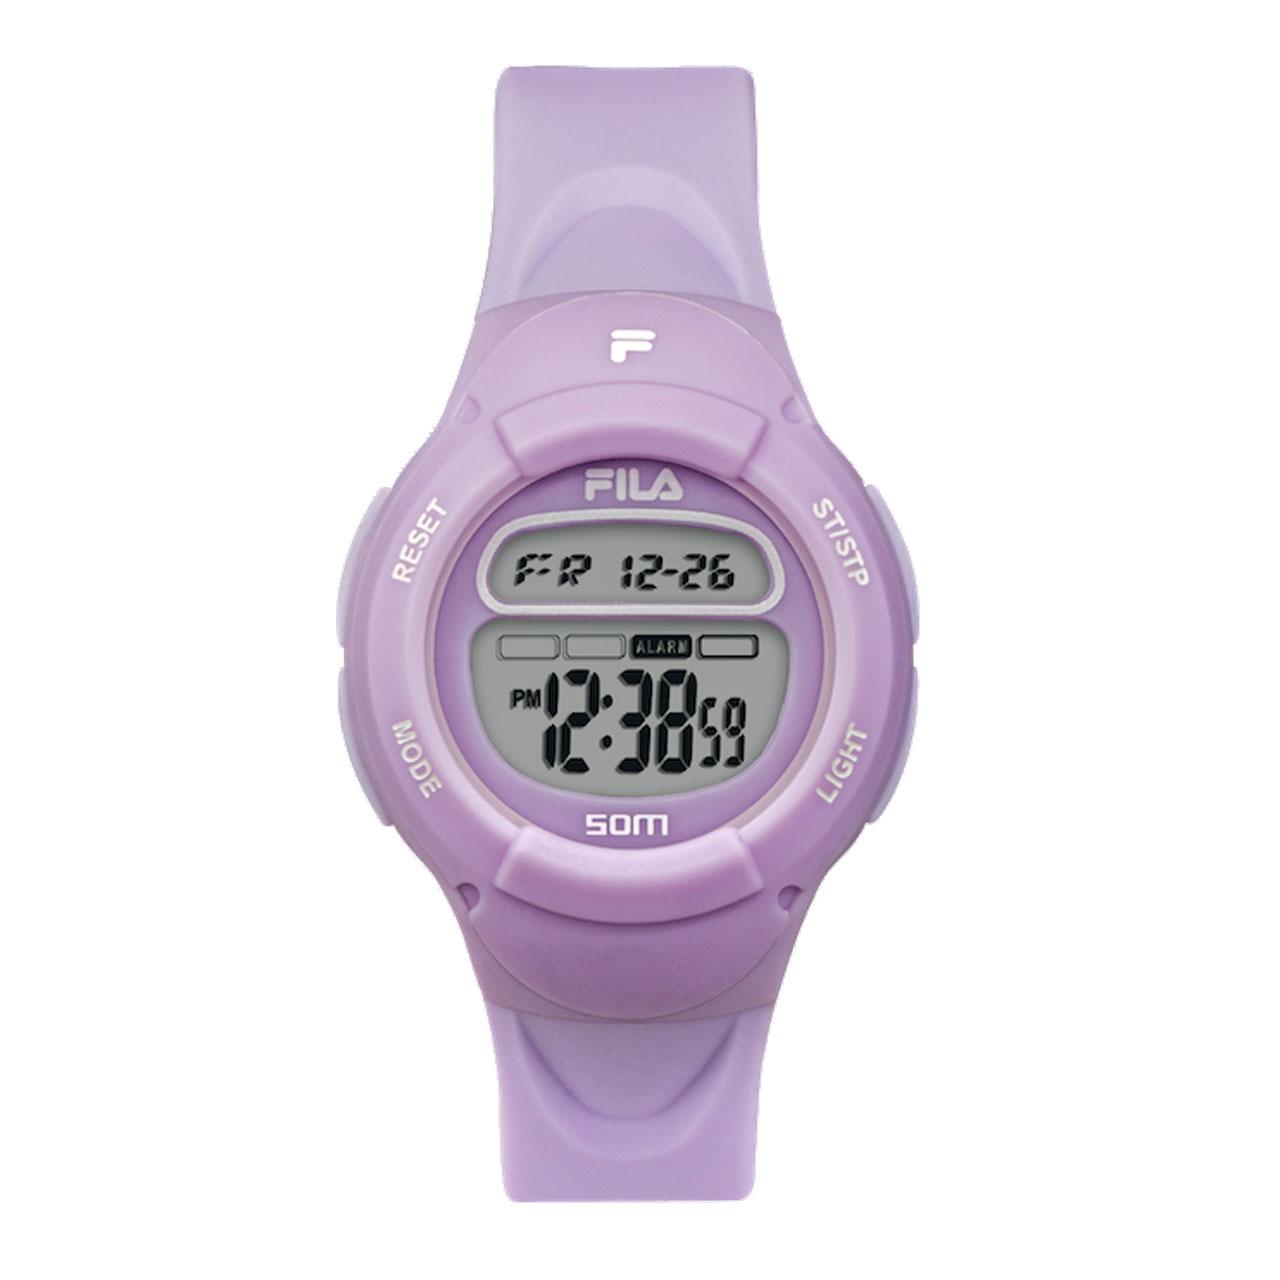 ساعت مچی دیجیتال زنانه  فیلا مدل 38-213-008